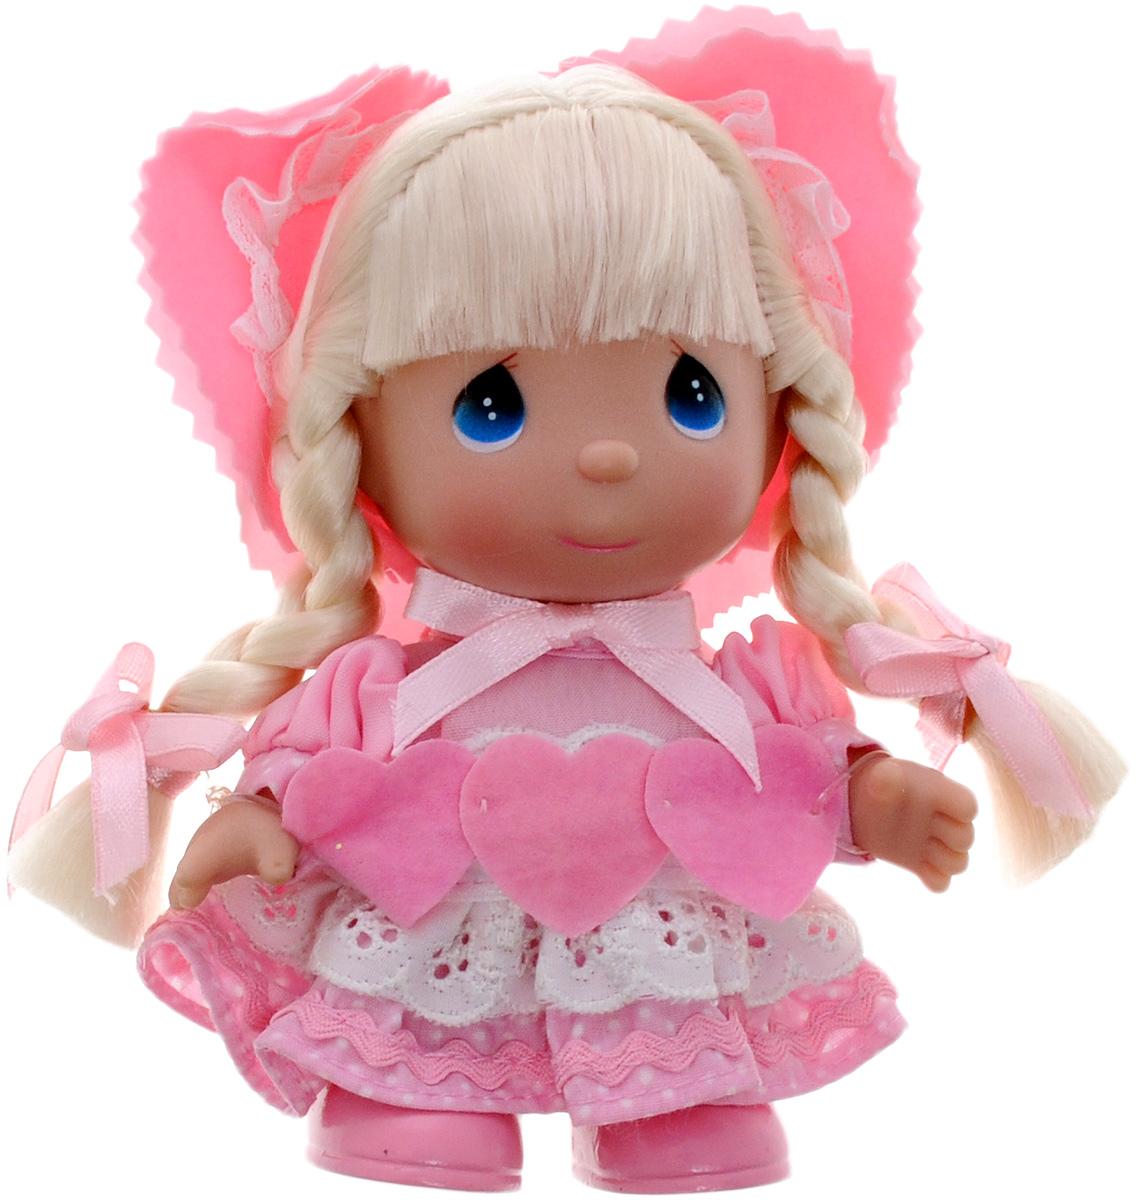 Precious Moments Мини-кукла Ты в моем сердце5288Какие же милые эти куколки Precious Moments. Создатель этих очаровательных крошек настоящая волшебница - Линда Рик - оживила свои творения, каждая кукла обрела свой милый и неповторимый образ. Эти крошки могут сопровождать вас в чудесных странствиях и сделать каждый момент вашей жизни незабываемым! Мини-кукла Ты в моем сердце одета в очаровательное розовое платье и туфельки в тон платья. Светлые волосы заплетены в две косички и украшены бантиками. Дополнением к образу служит розовая шляпка. Благодаря играм с куклой, ваша малышка сможет развить фантазию и любознательность, овладеть навыками общения и научиться ответственности. Порадуйте свою принцессу таким прекрасным подарком!